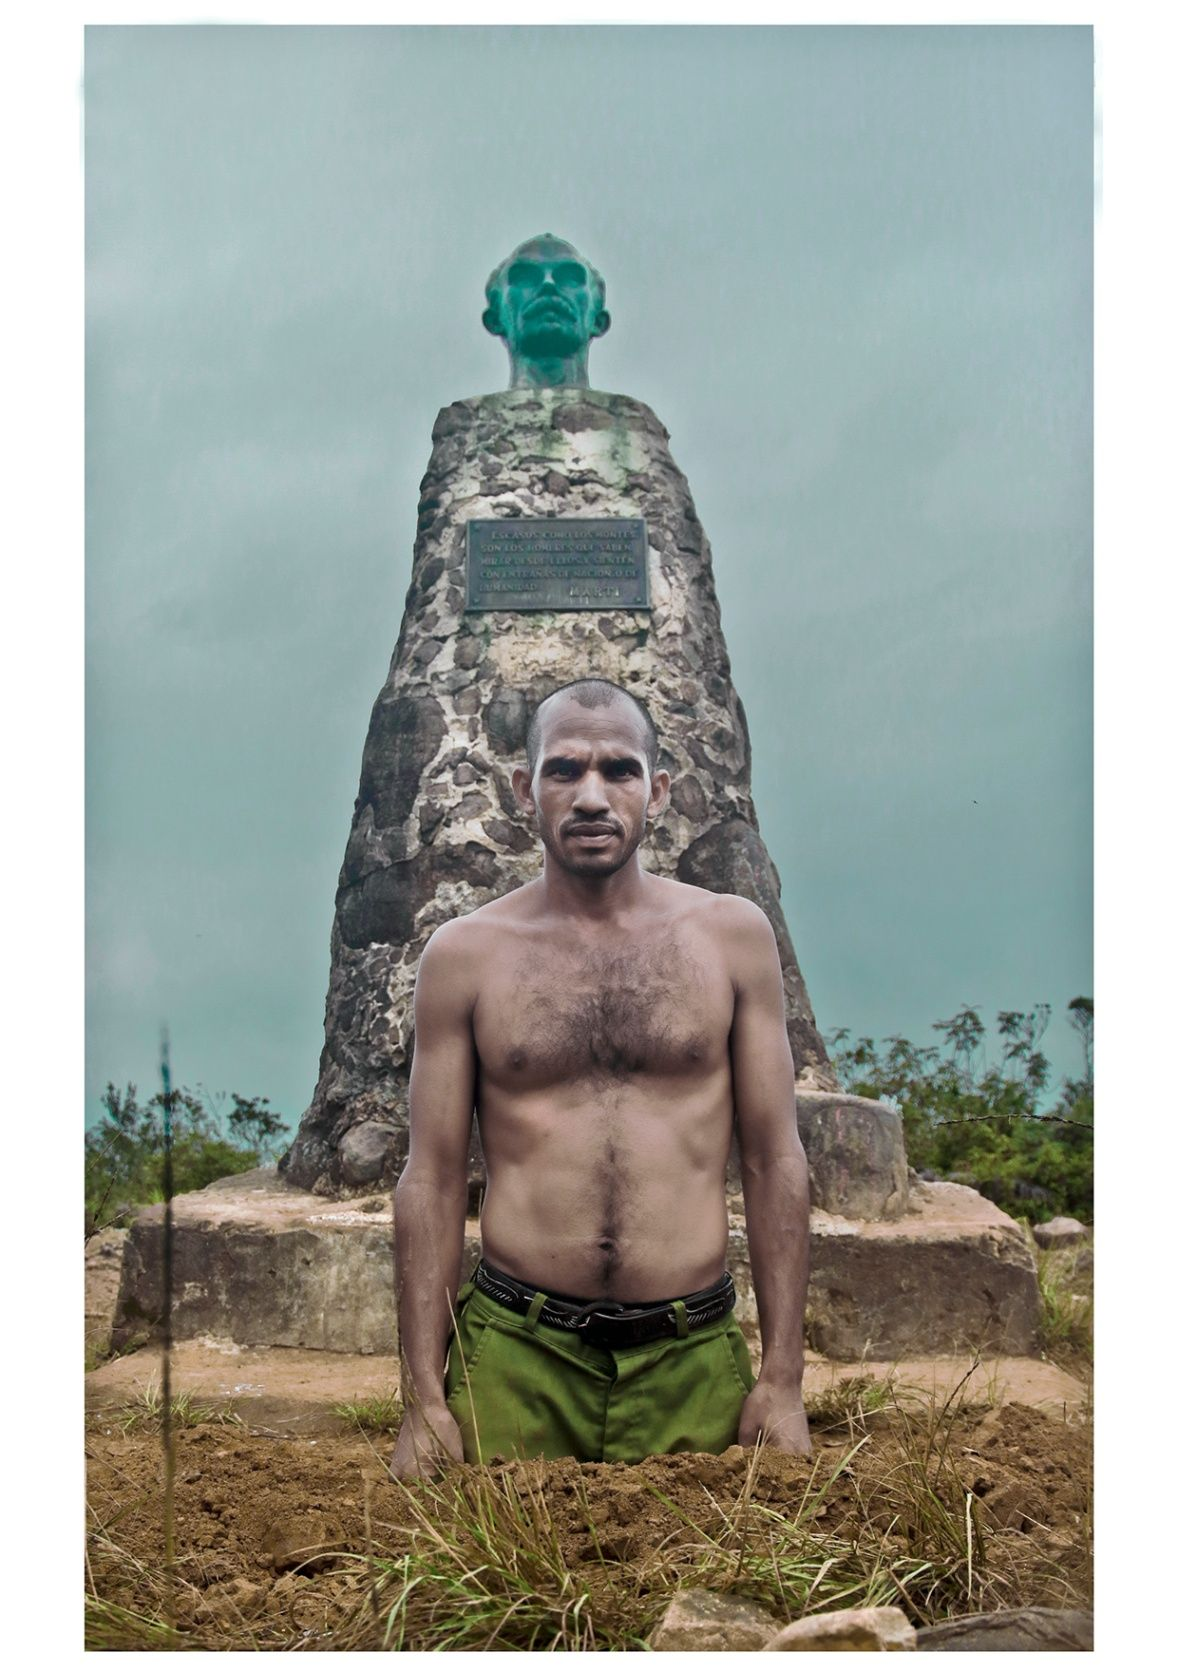 Obra:  Oilé Alvarėz. Guía del Pico Turquino. 1864 m sobre el nivel del mar. Mayor elevación de Cuba. 13 de agosto de 2016